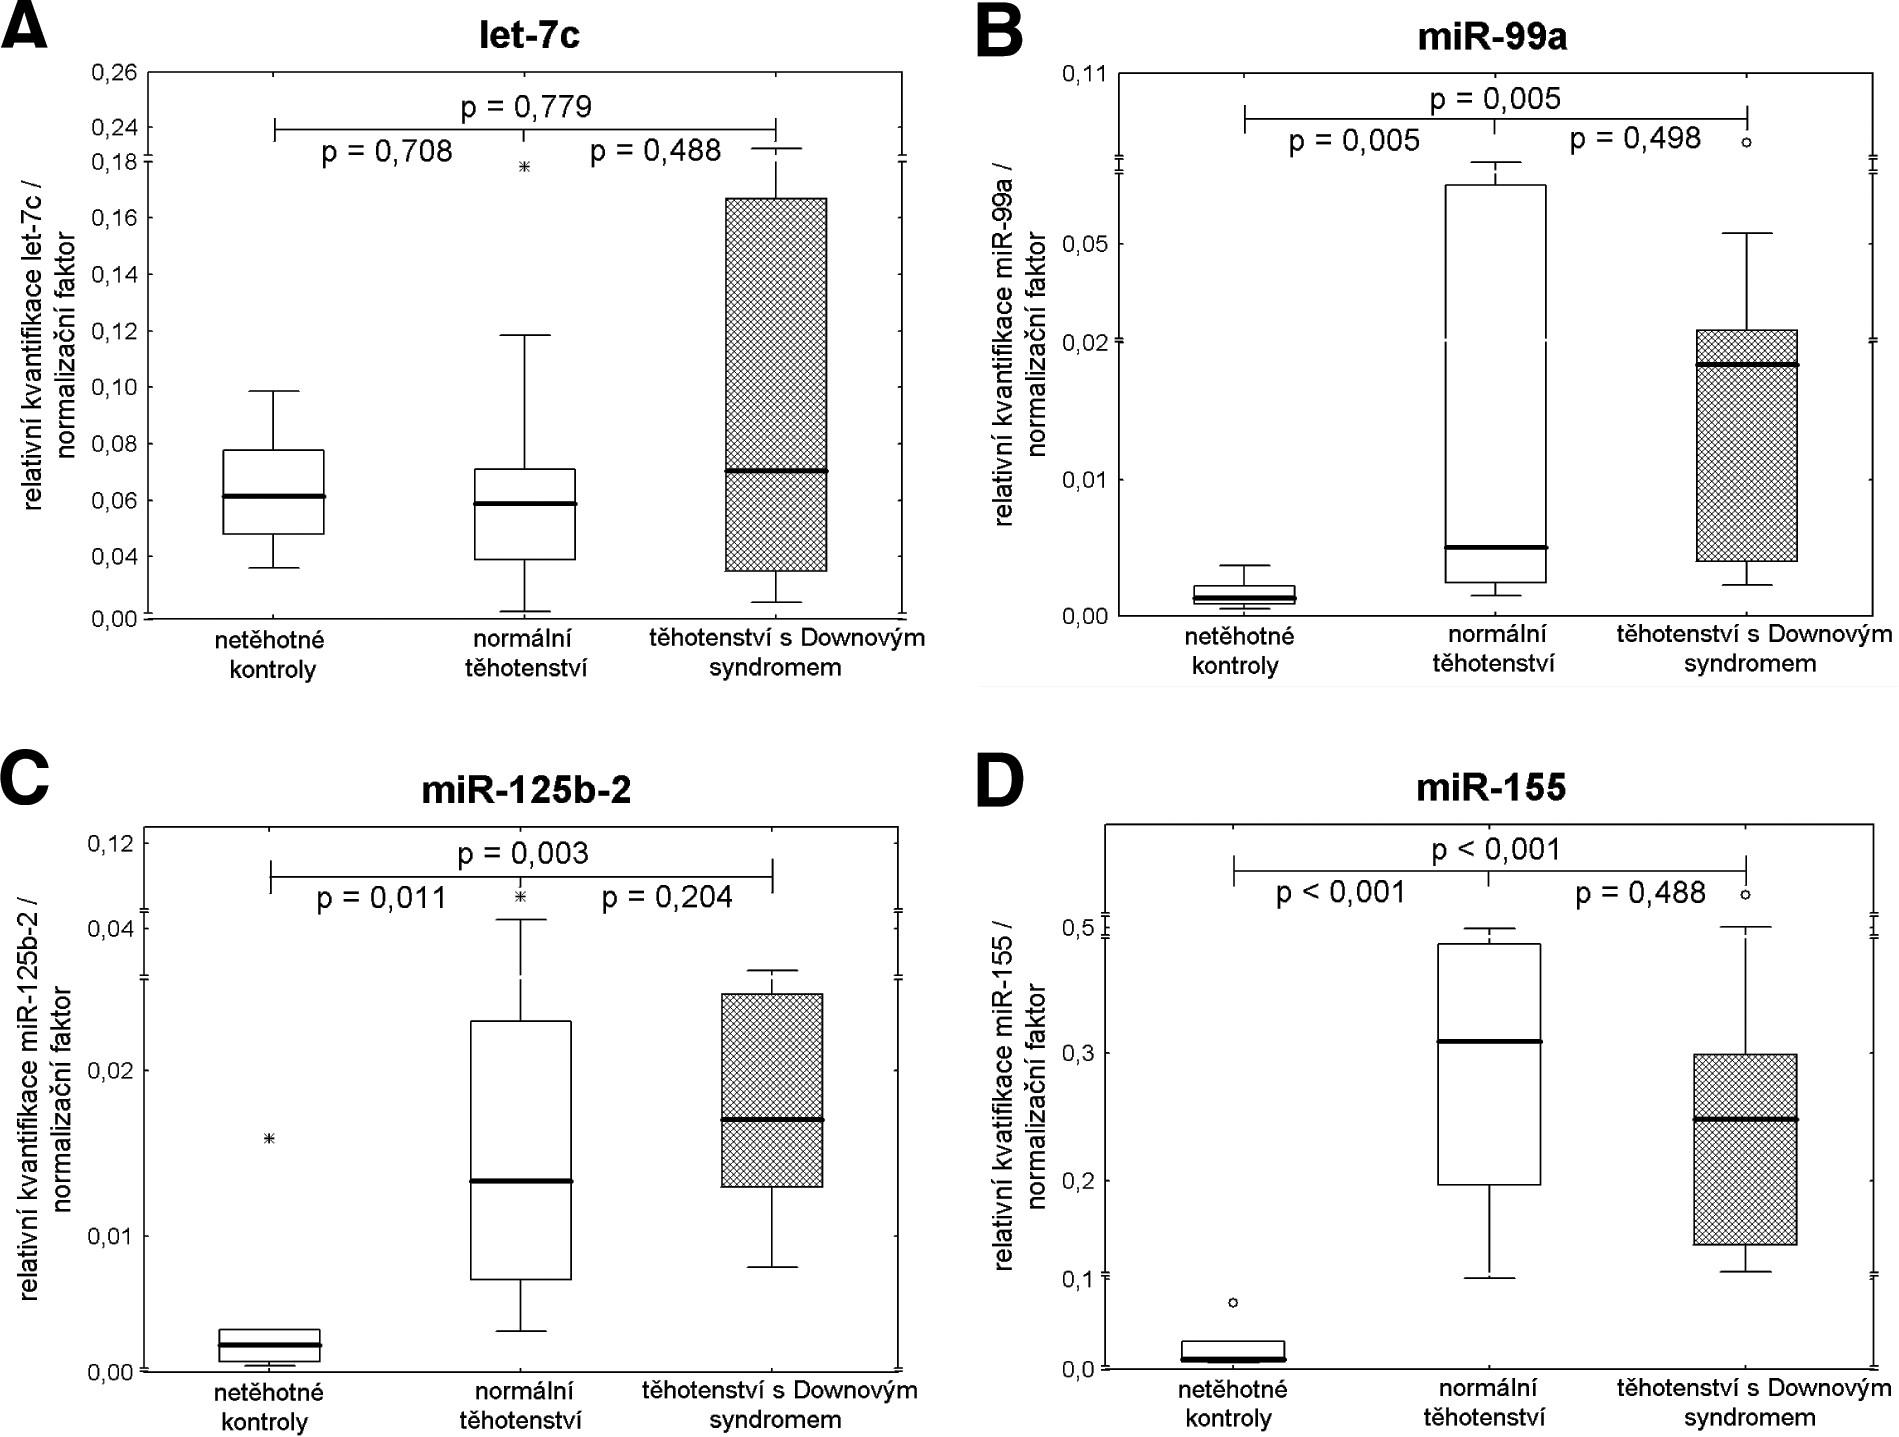 Detekce extracelulárních chromozom 21 specifických mikroRNA u těhotenství s euploidním a aneuploidním plodem (trizomie 21) a zdravých žen bez známek těhotenství – relativní kvantifikace.